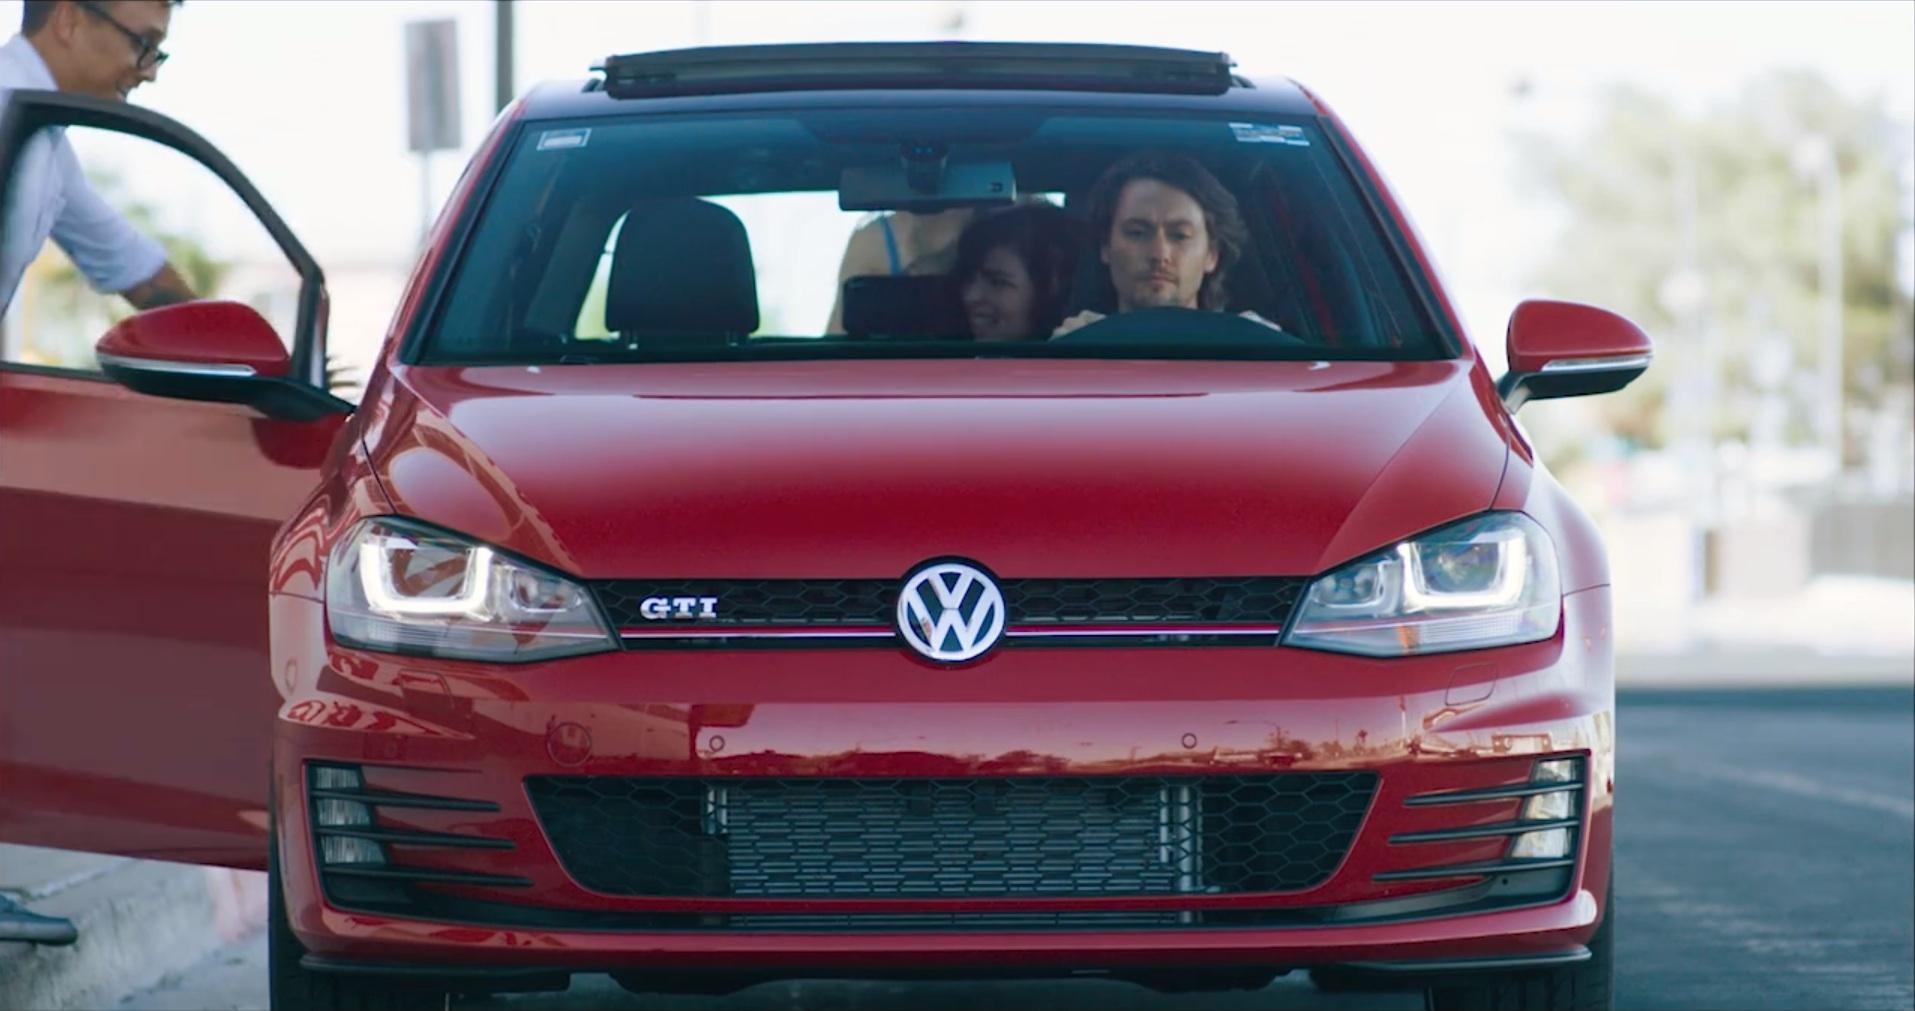 VW_GolfGTI